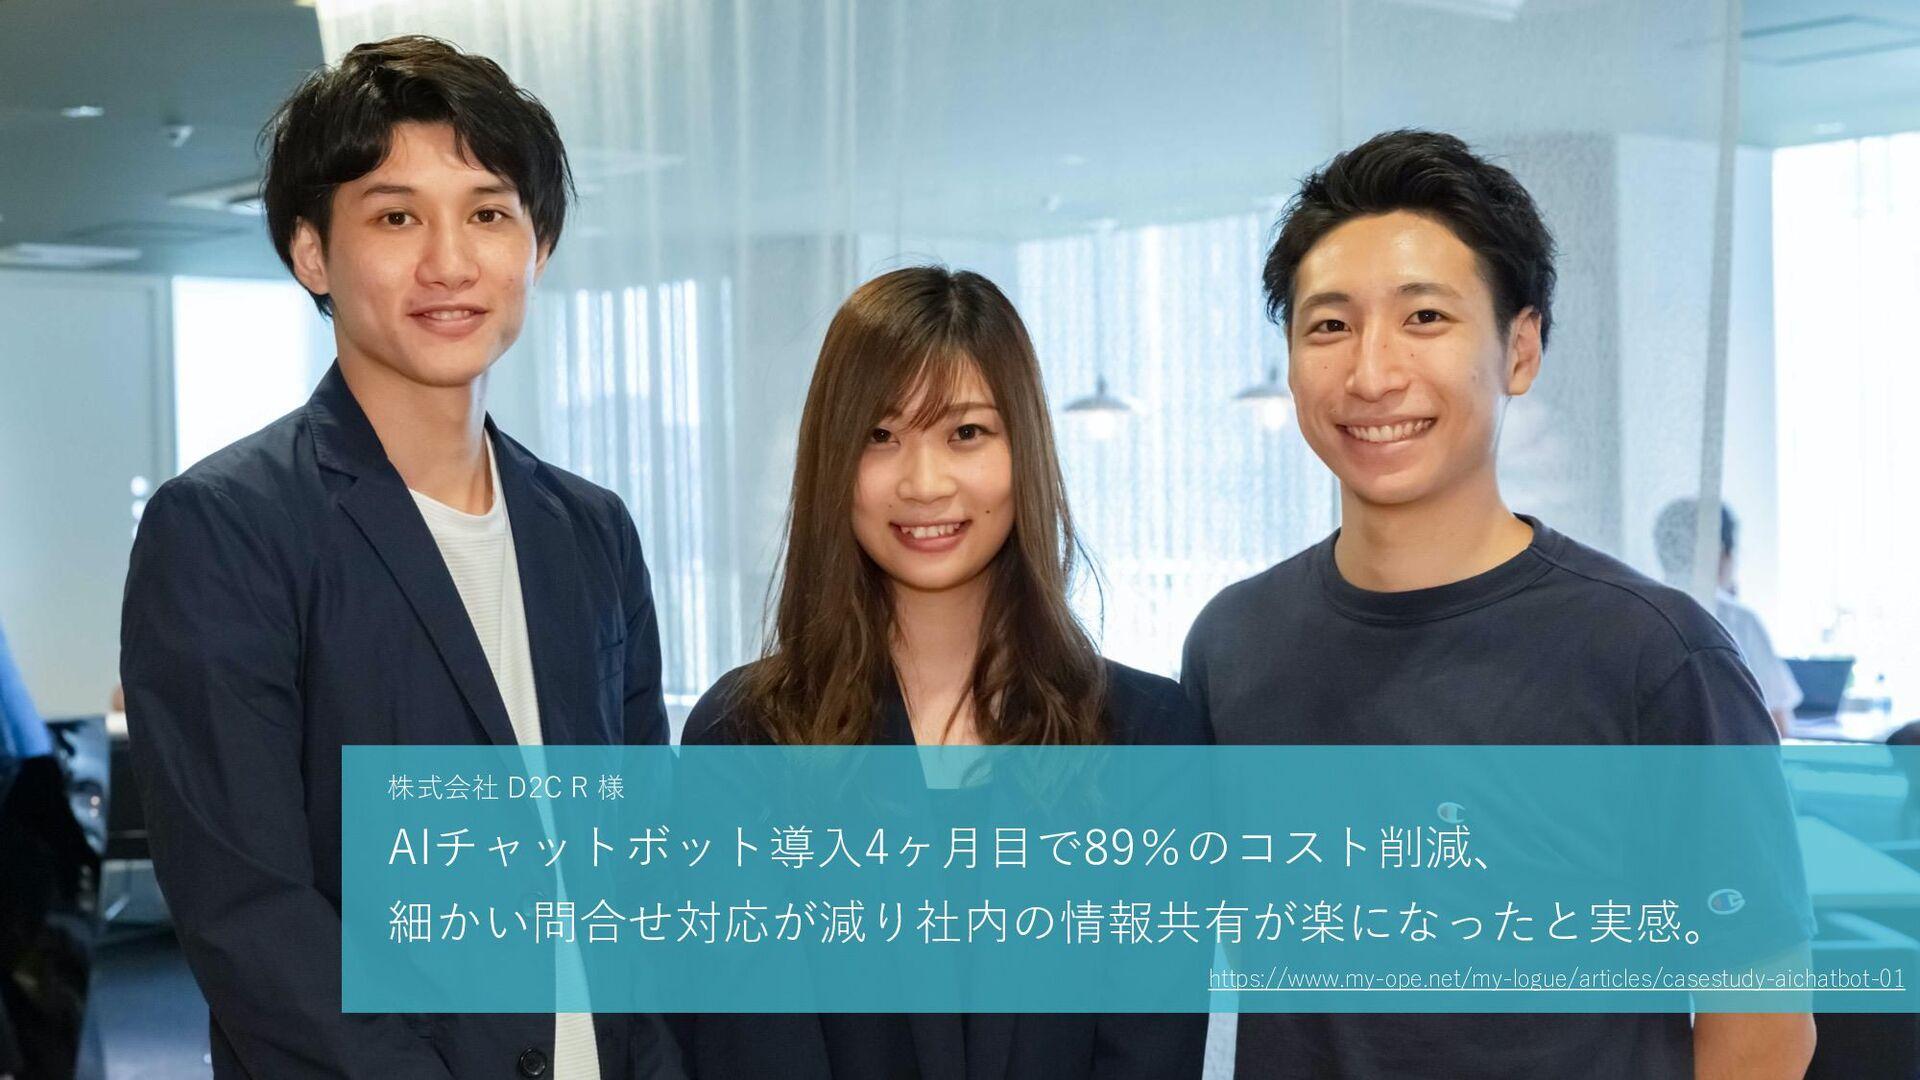 株式会社エイチーム 様 「AIチャットボット」で1⽇200件以上の社内問合せを⾃動応答! ht...